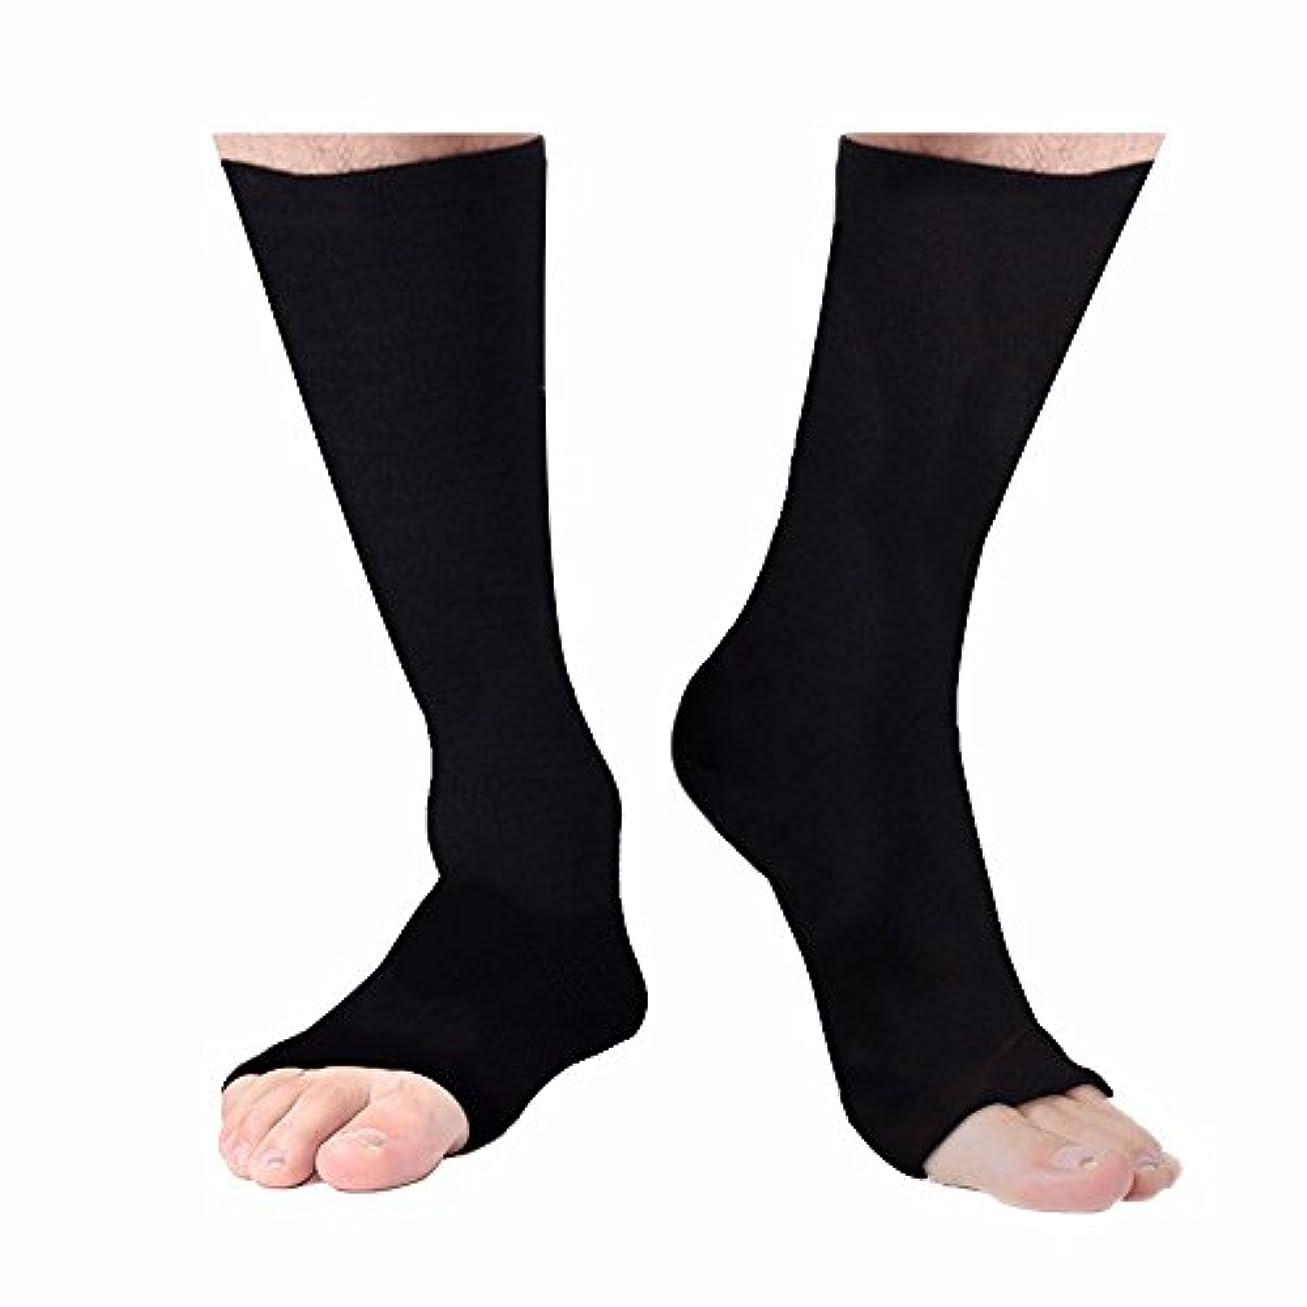 ブラジャー移動旅行Yartar 着圧ソックス オープントゥ 段階圧力 ハイソックス 膝下 むくみ対策 男女兼用 Open Toe Pressure Socks (ブラック, L:35cm)